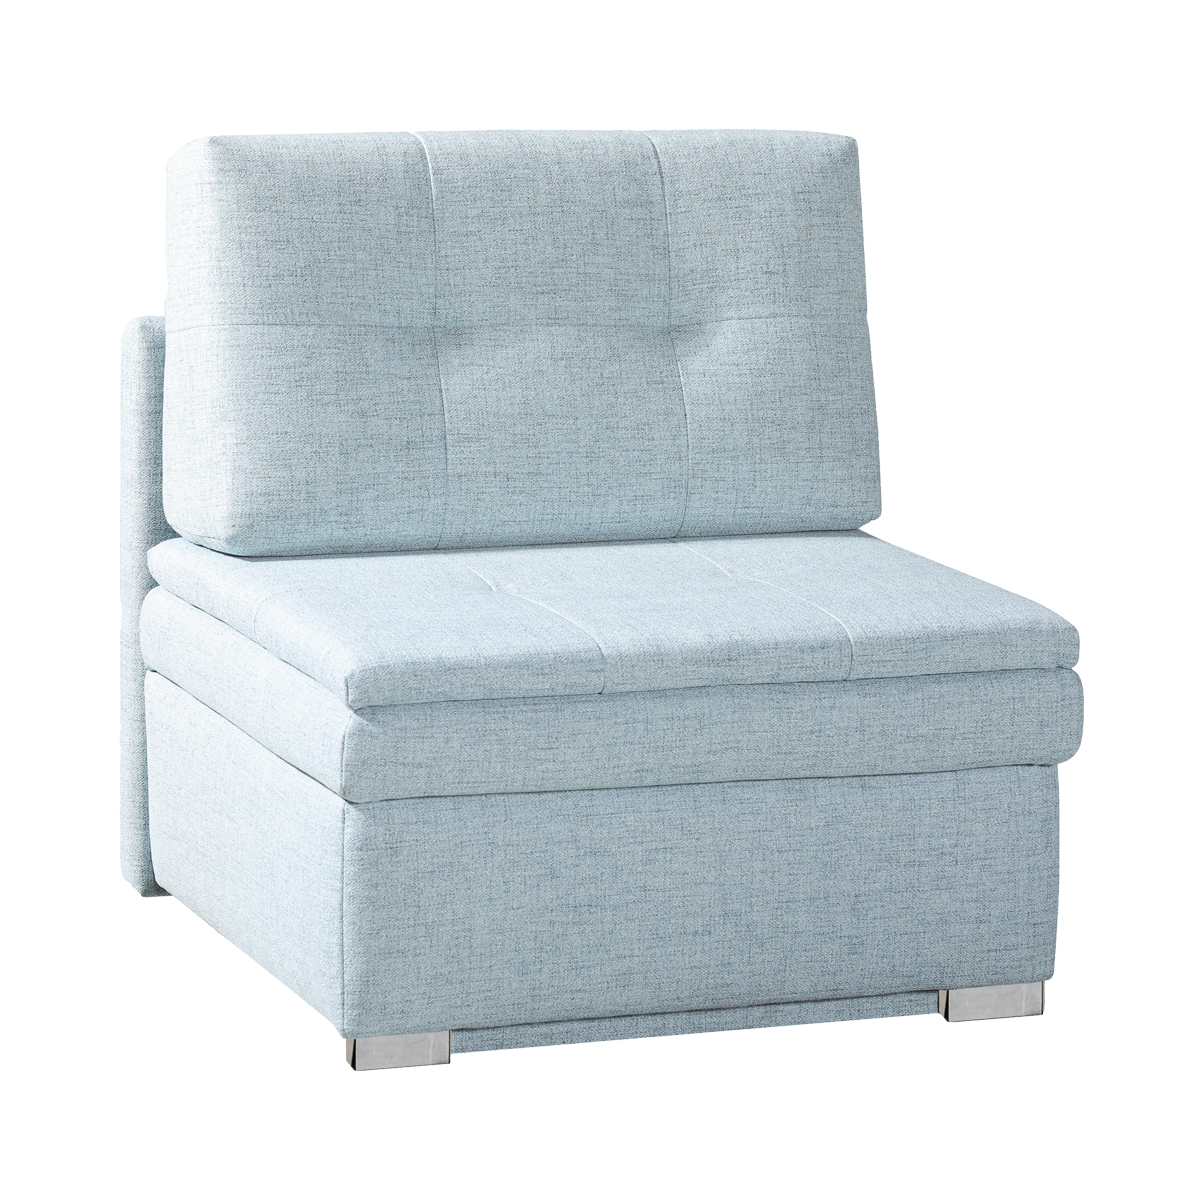 Restyl Schlafsessel Kira mit einer praktischen Schlaffunktion und einem  geräumigen Bettkasten in einem ansprechenden Webstoff aus 100% Polyester ...